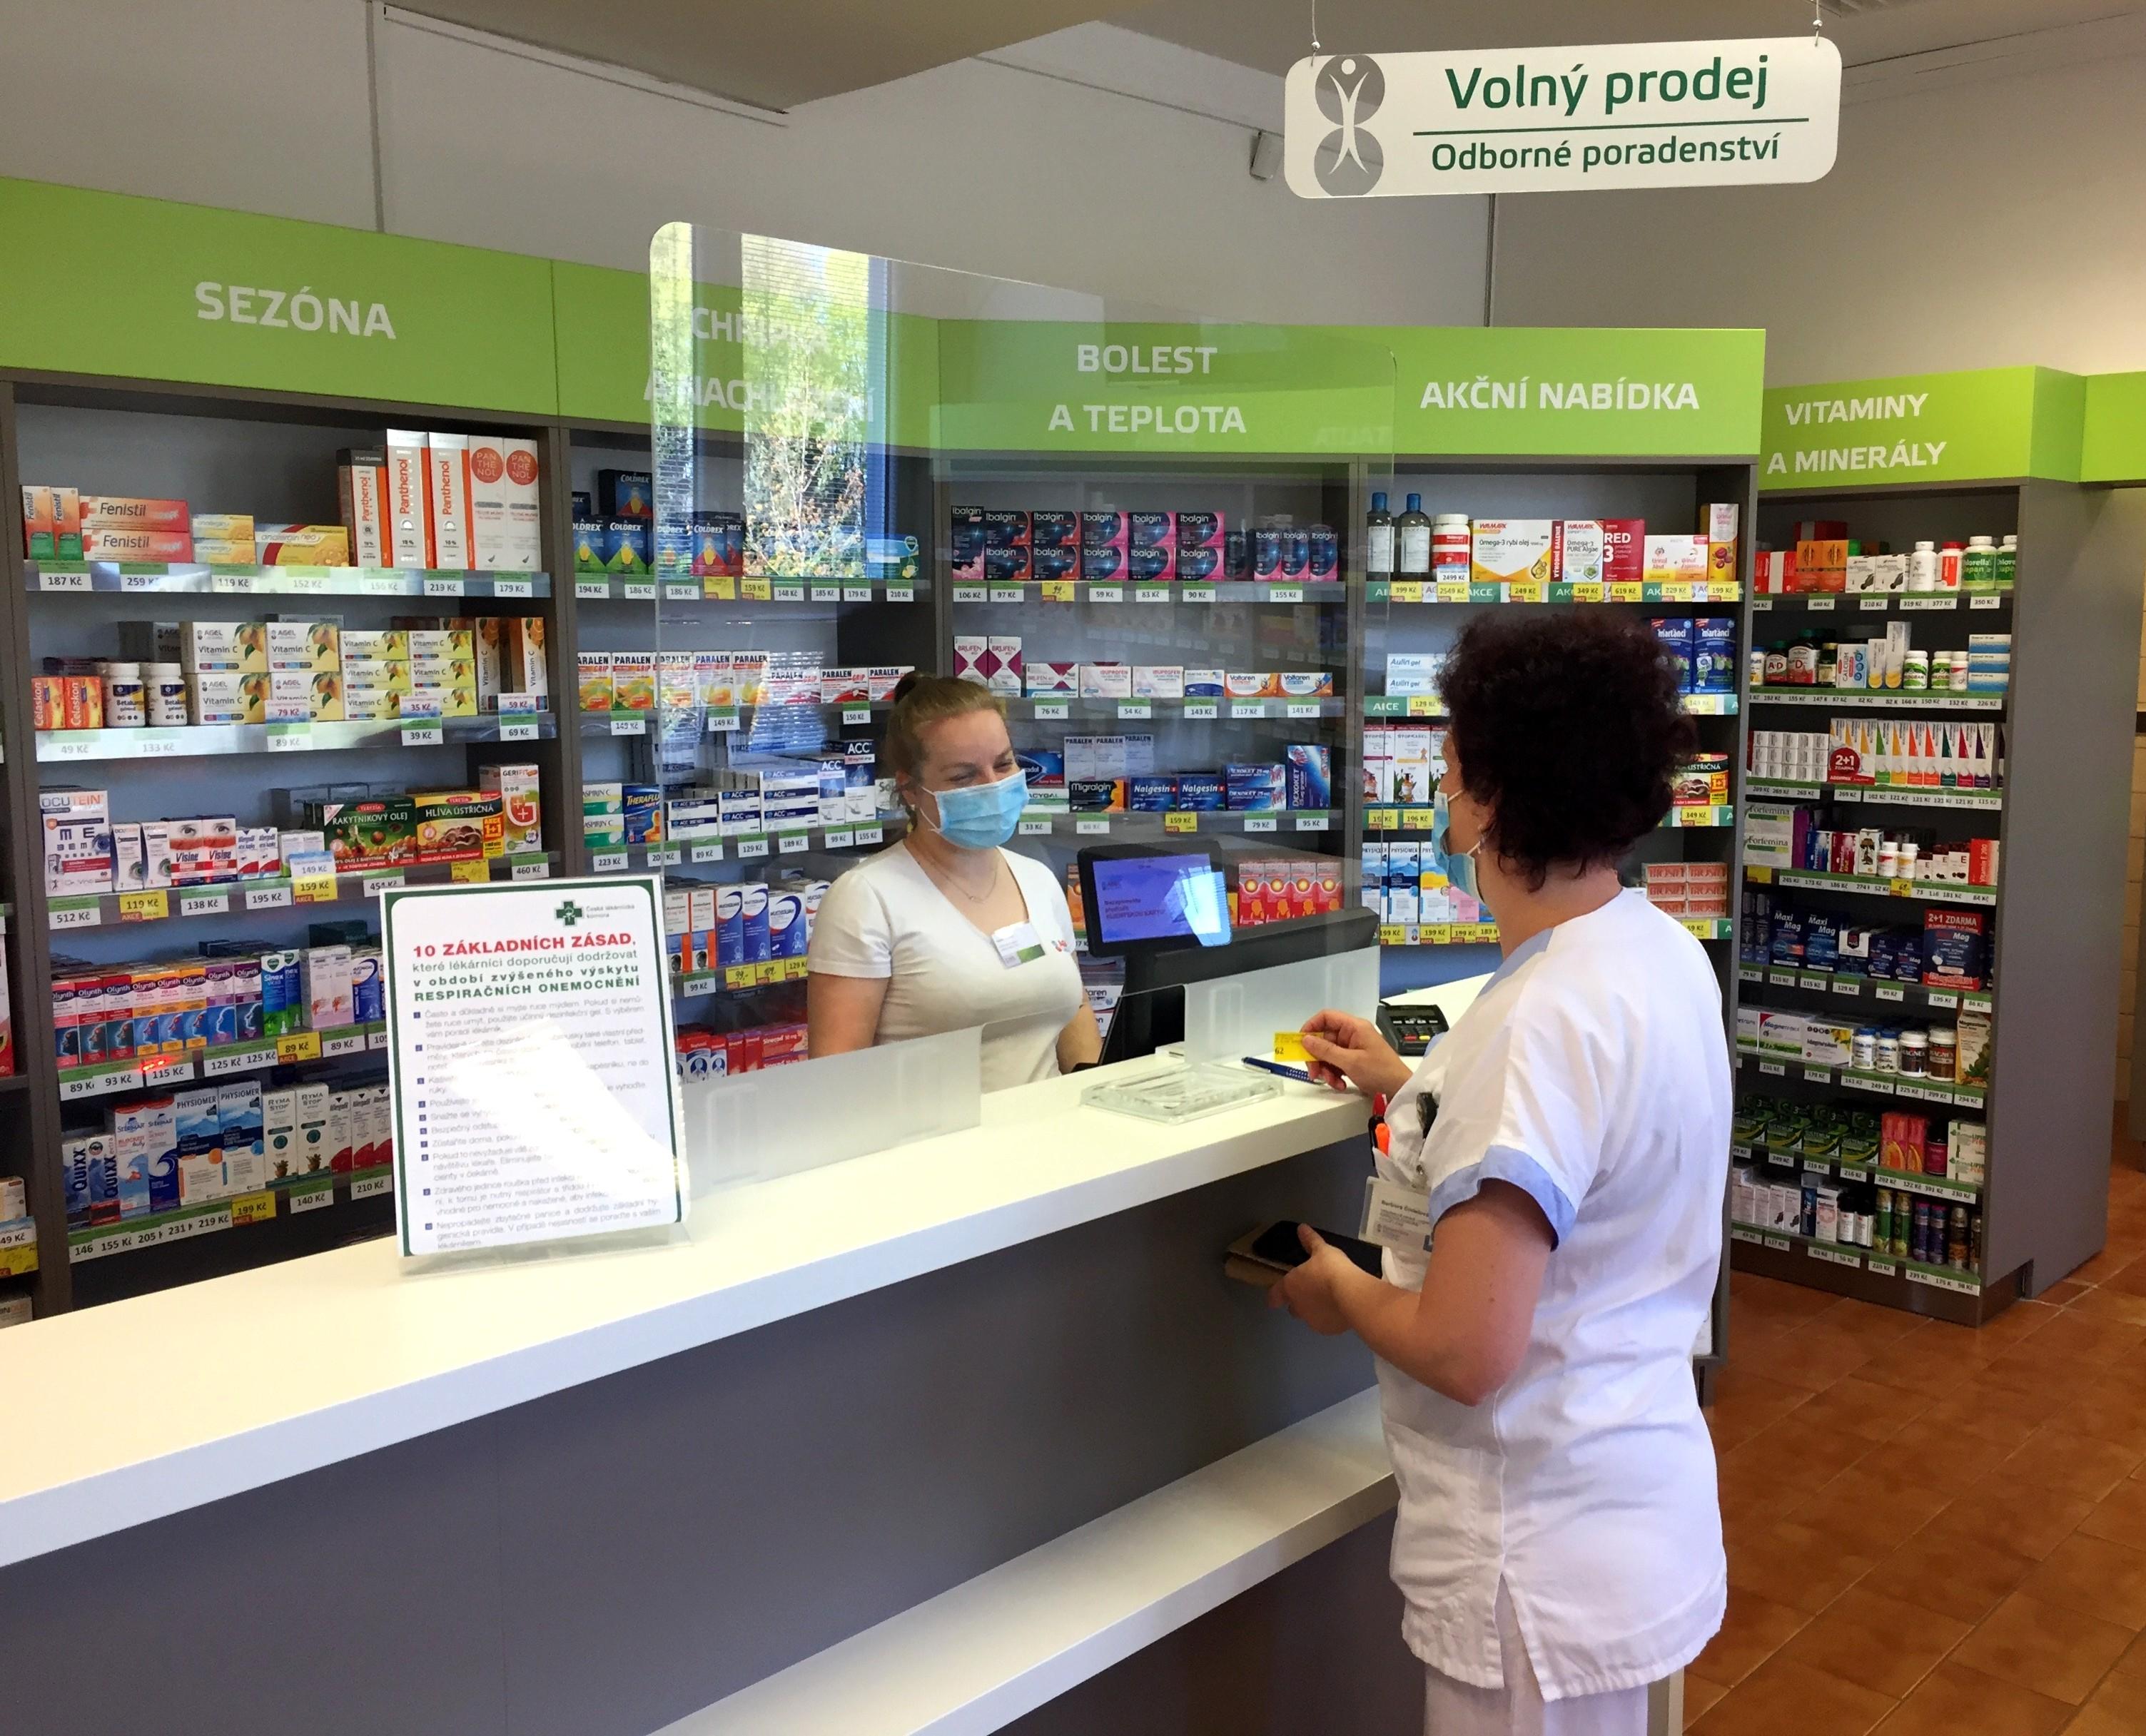 Lékárny AGEL v Třinci se přizpůsobily epidemiologické situaci a služby poskytují i nadále